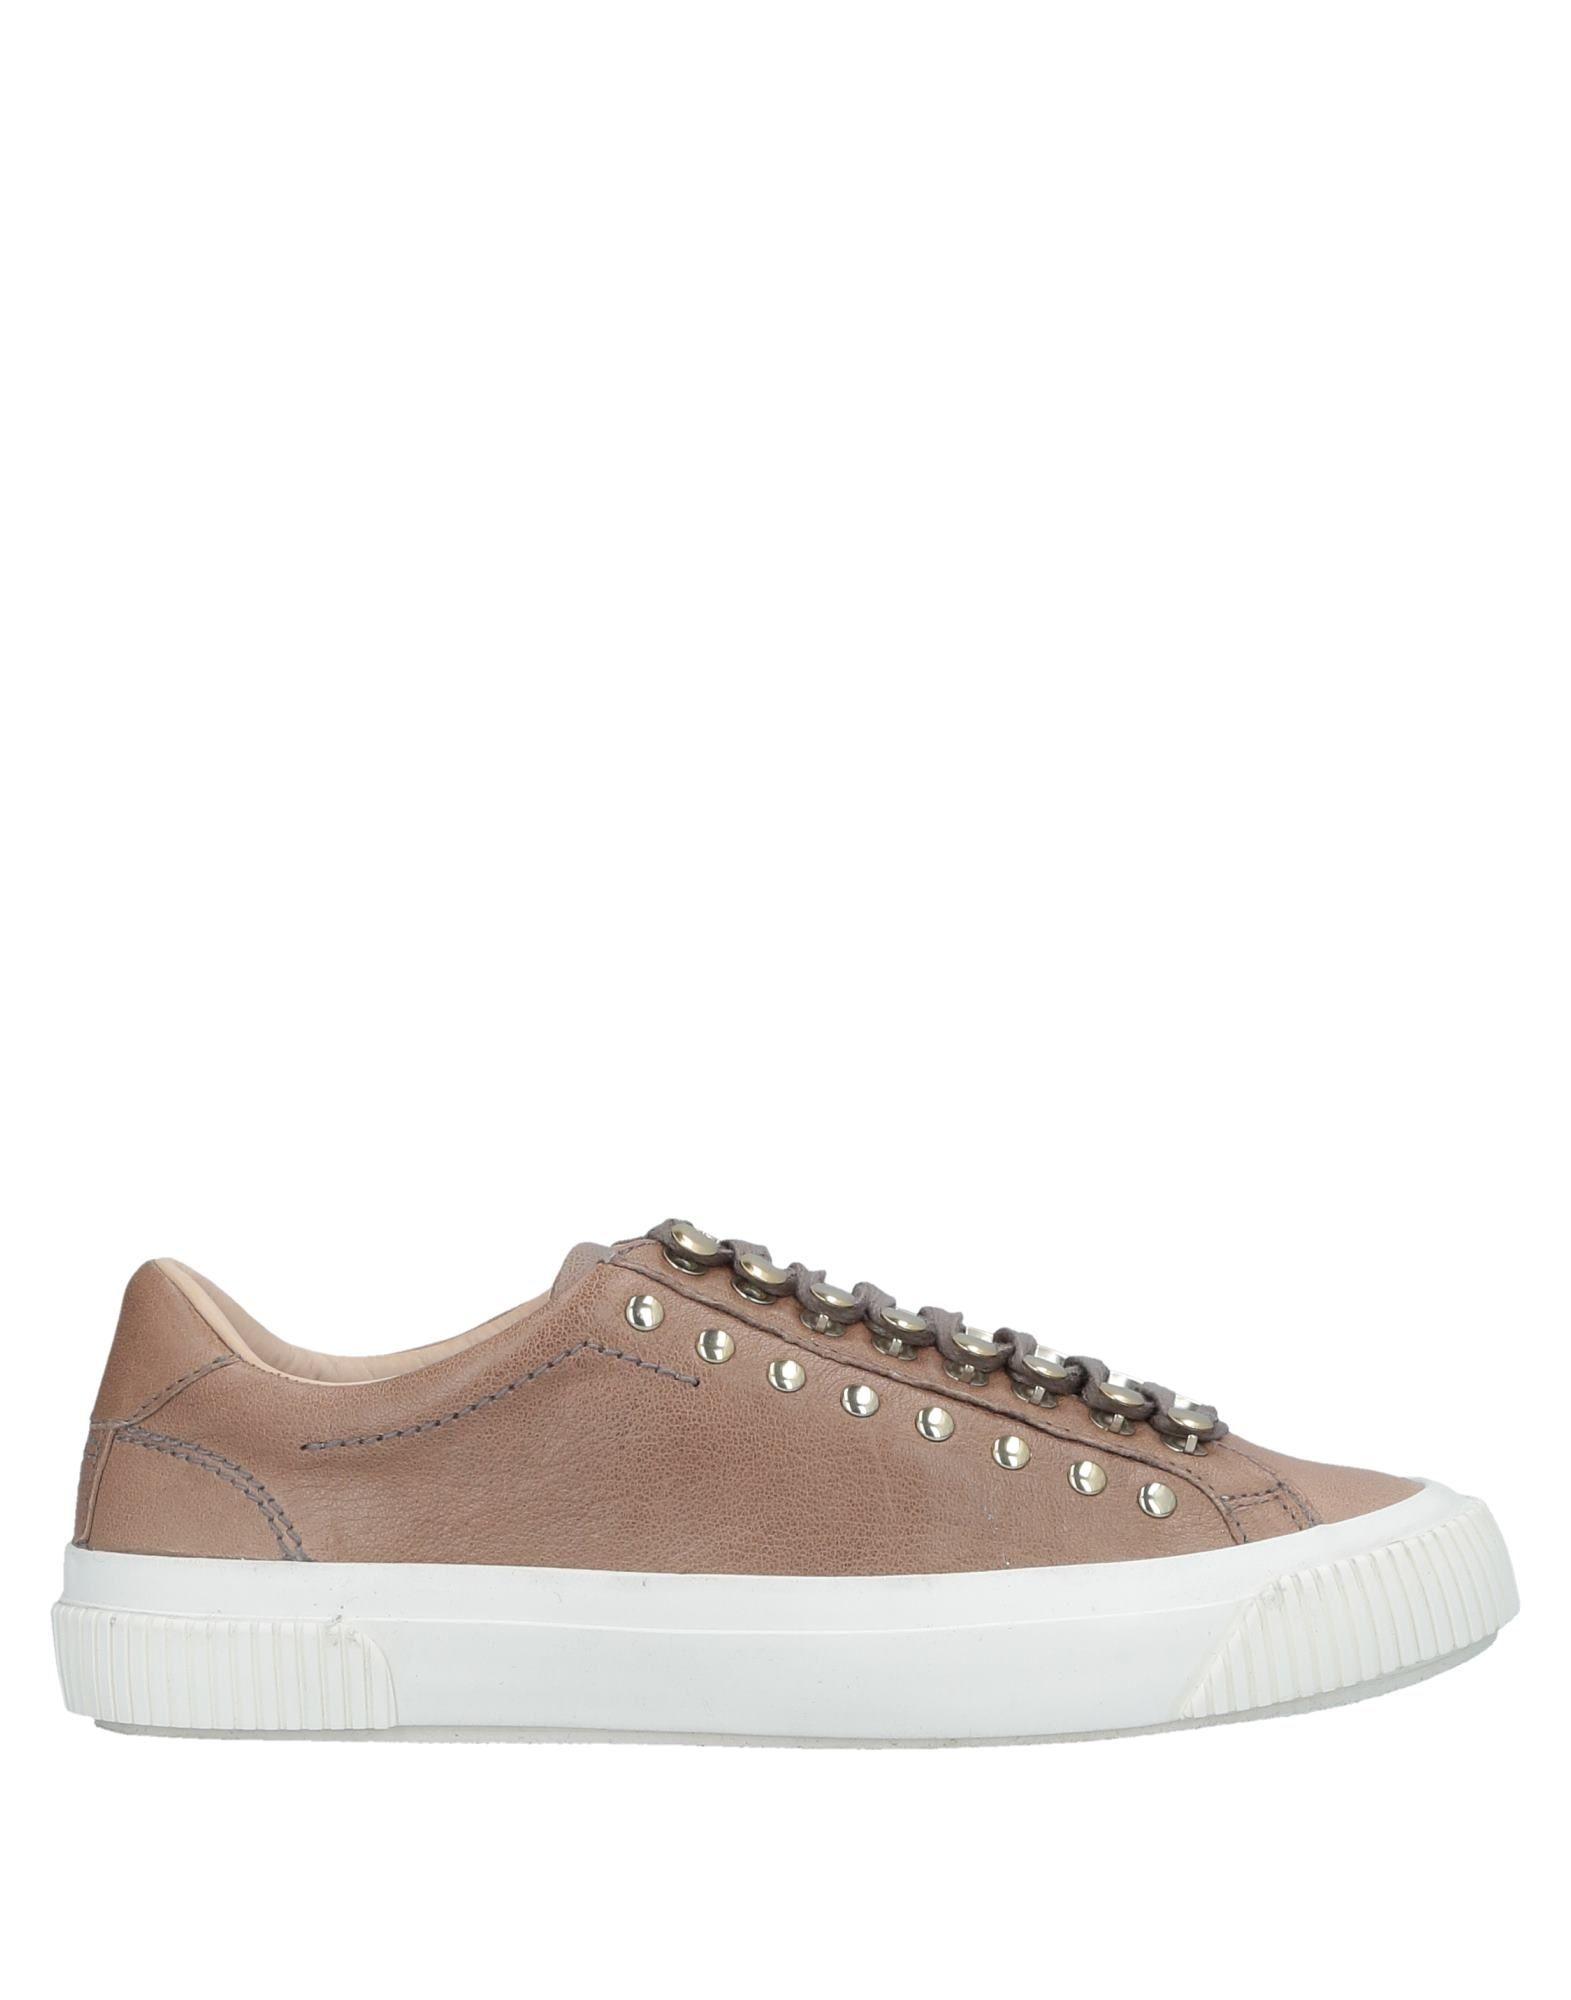 Scarpe economiche e resistenti Sneakers Diesel Donna - 11535804UH